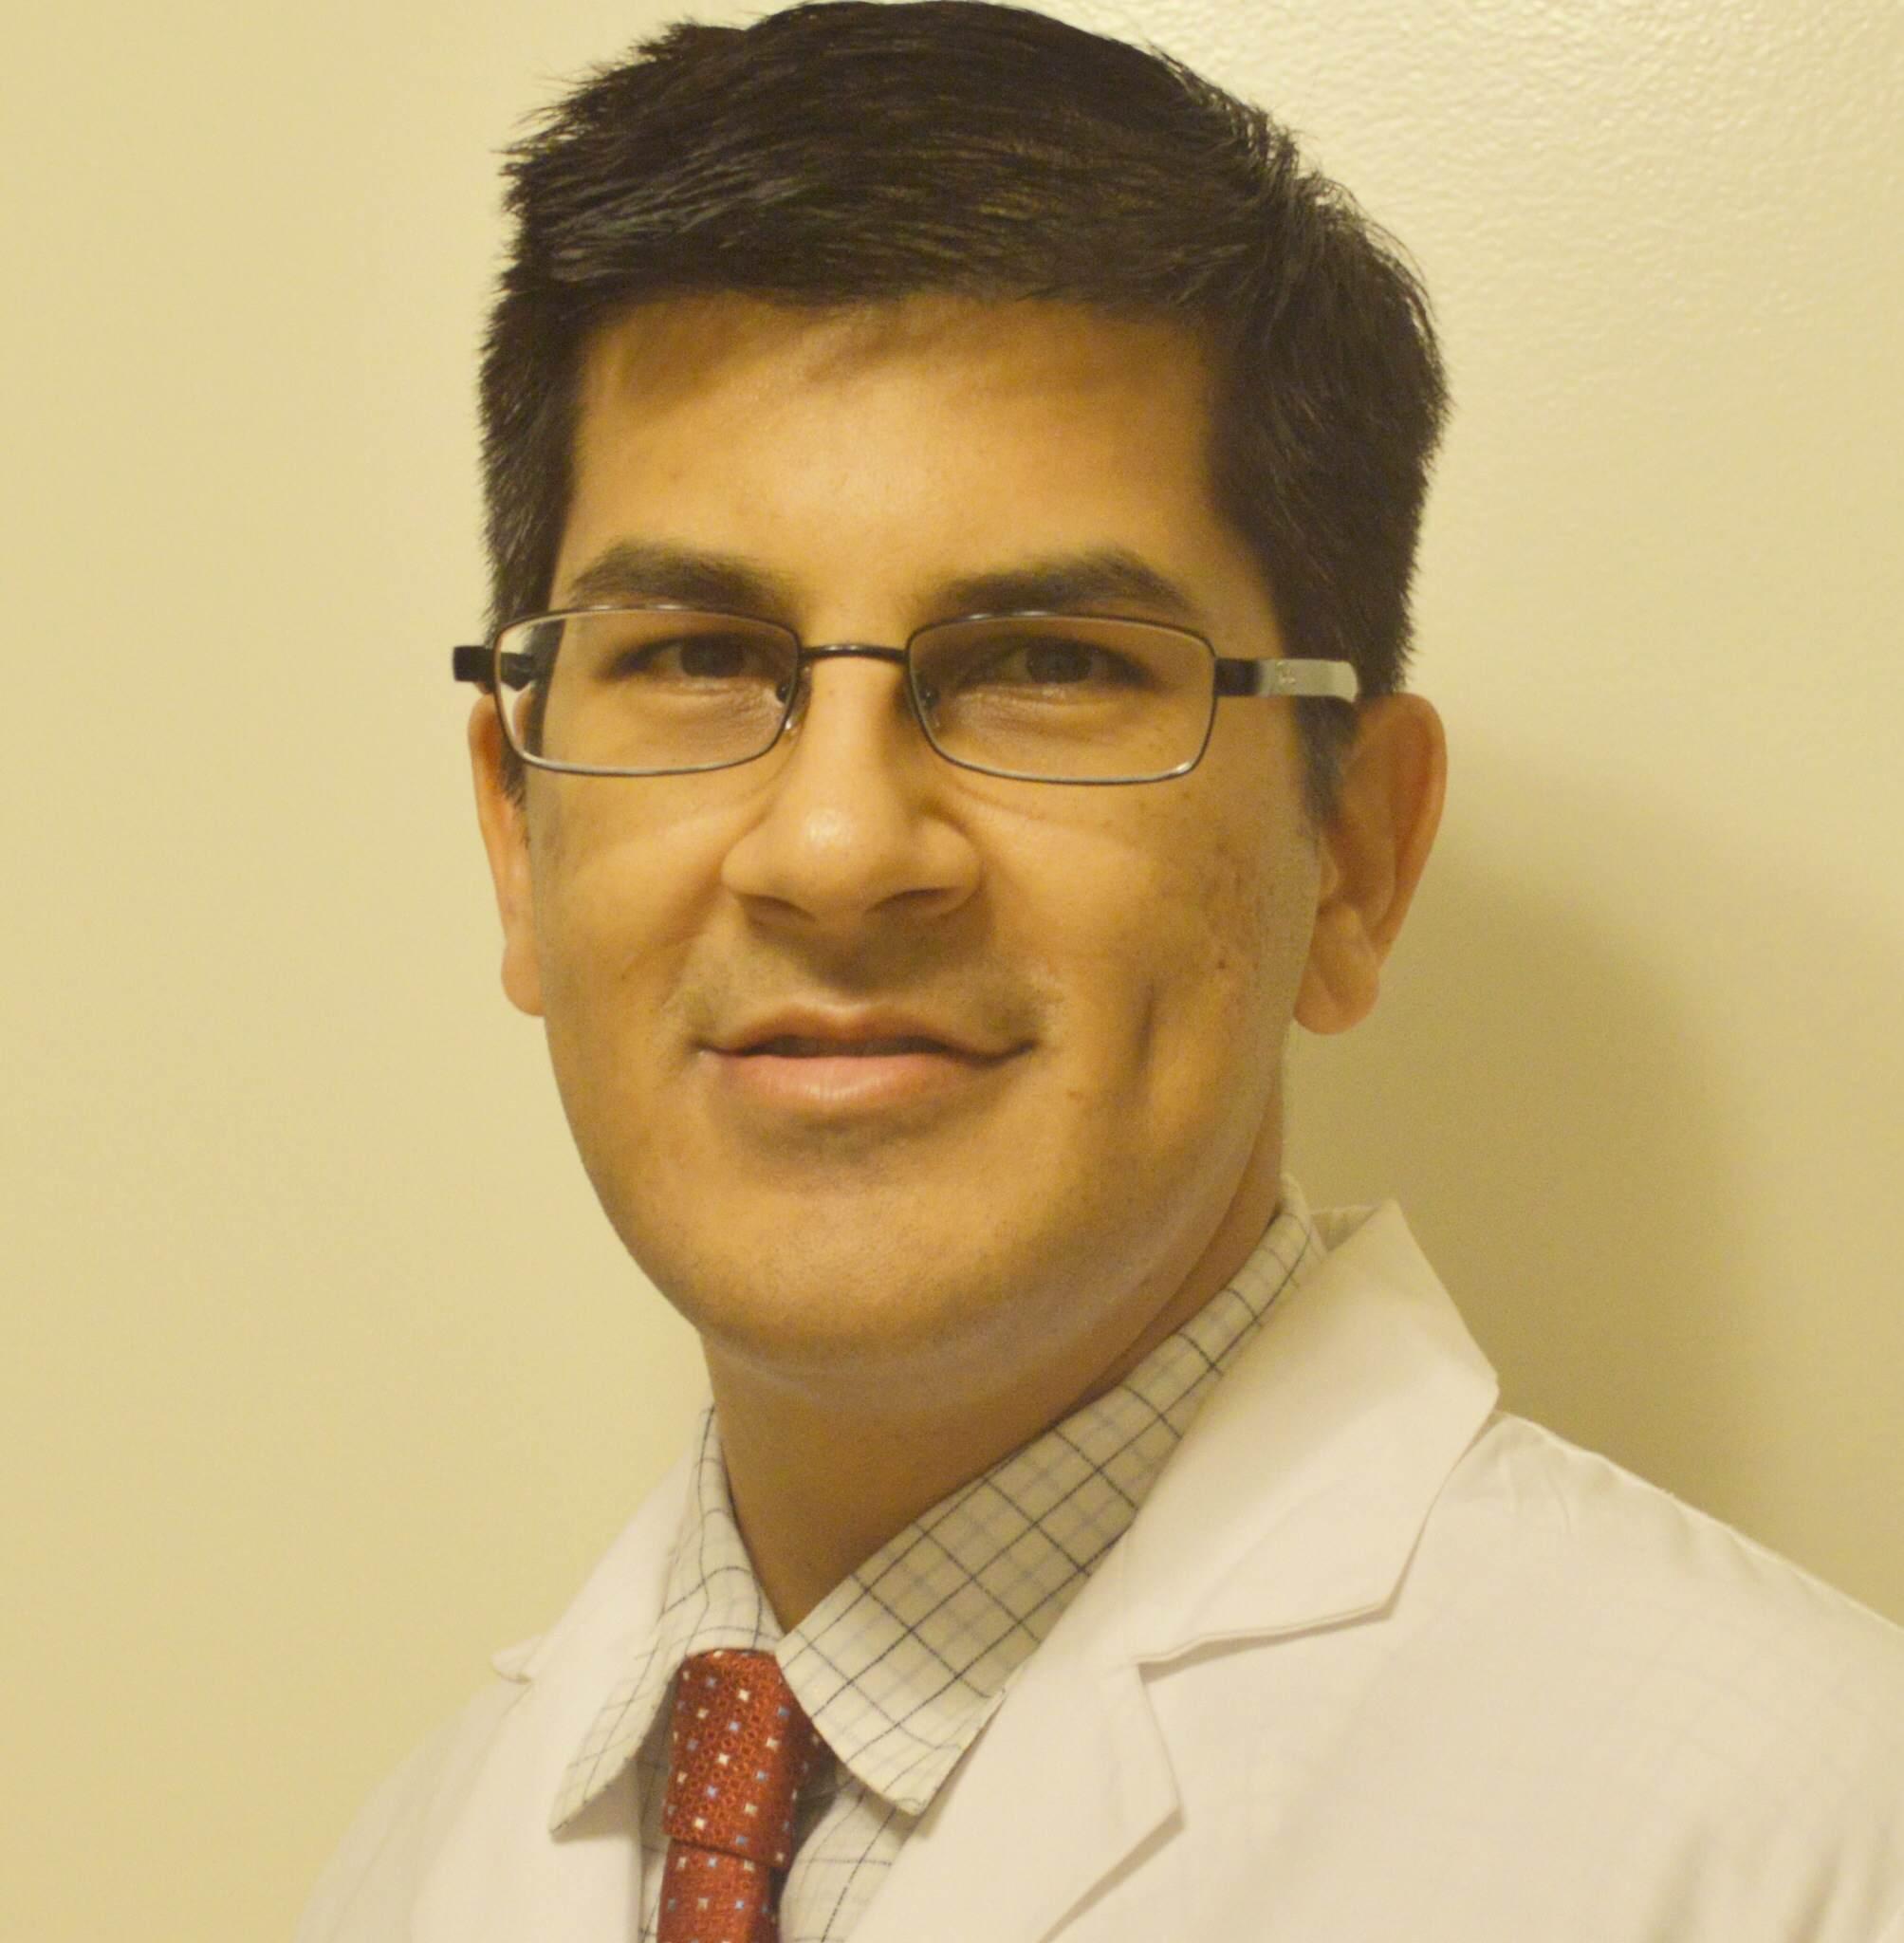 Gaurav Singhvi headshot.JPG